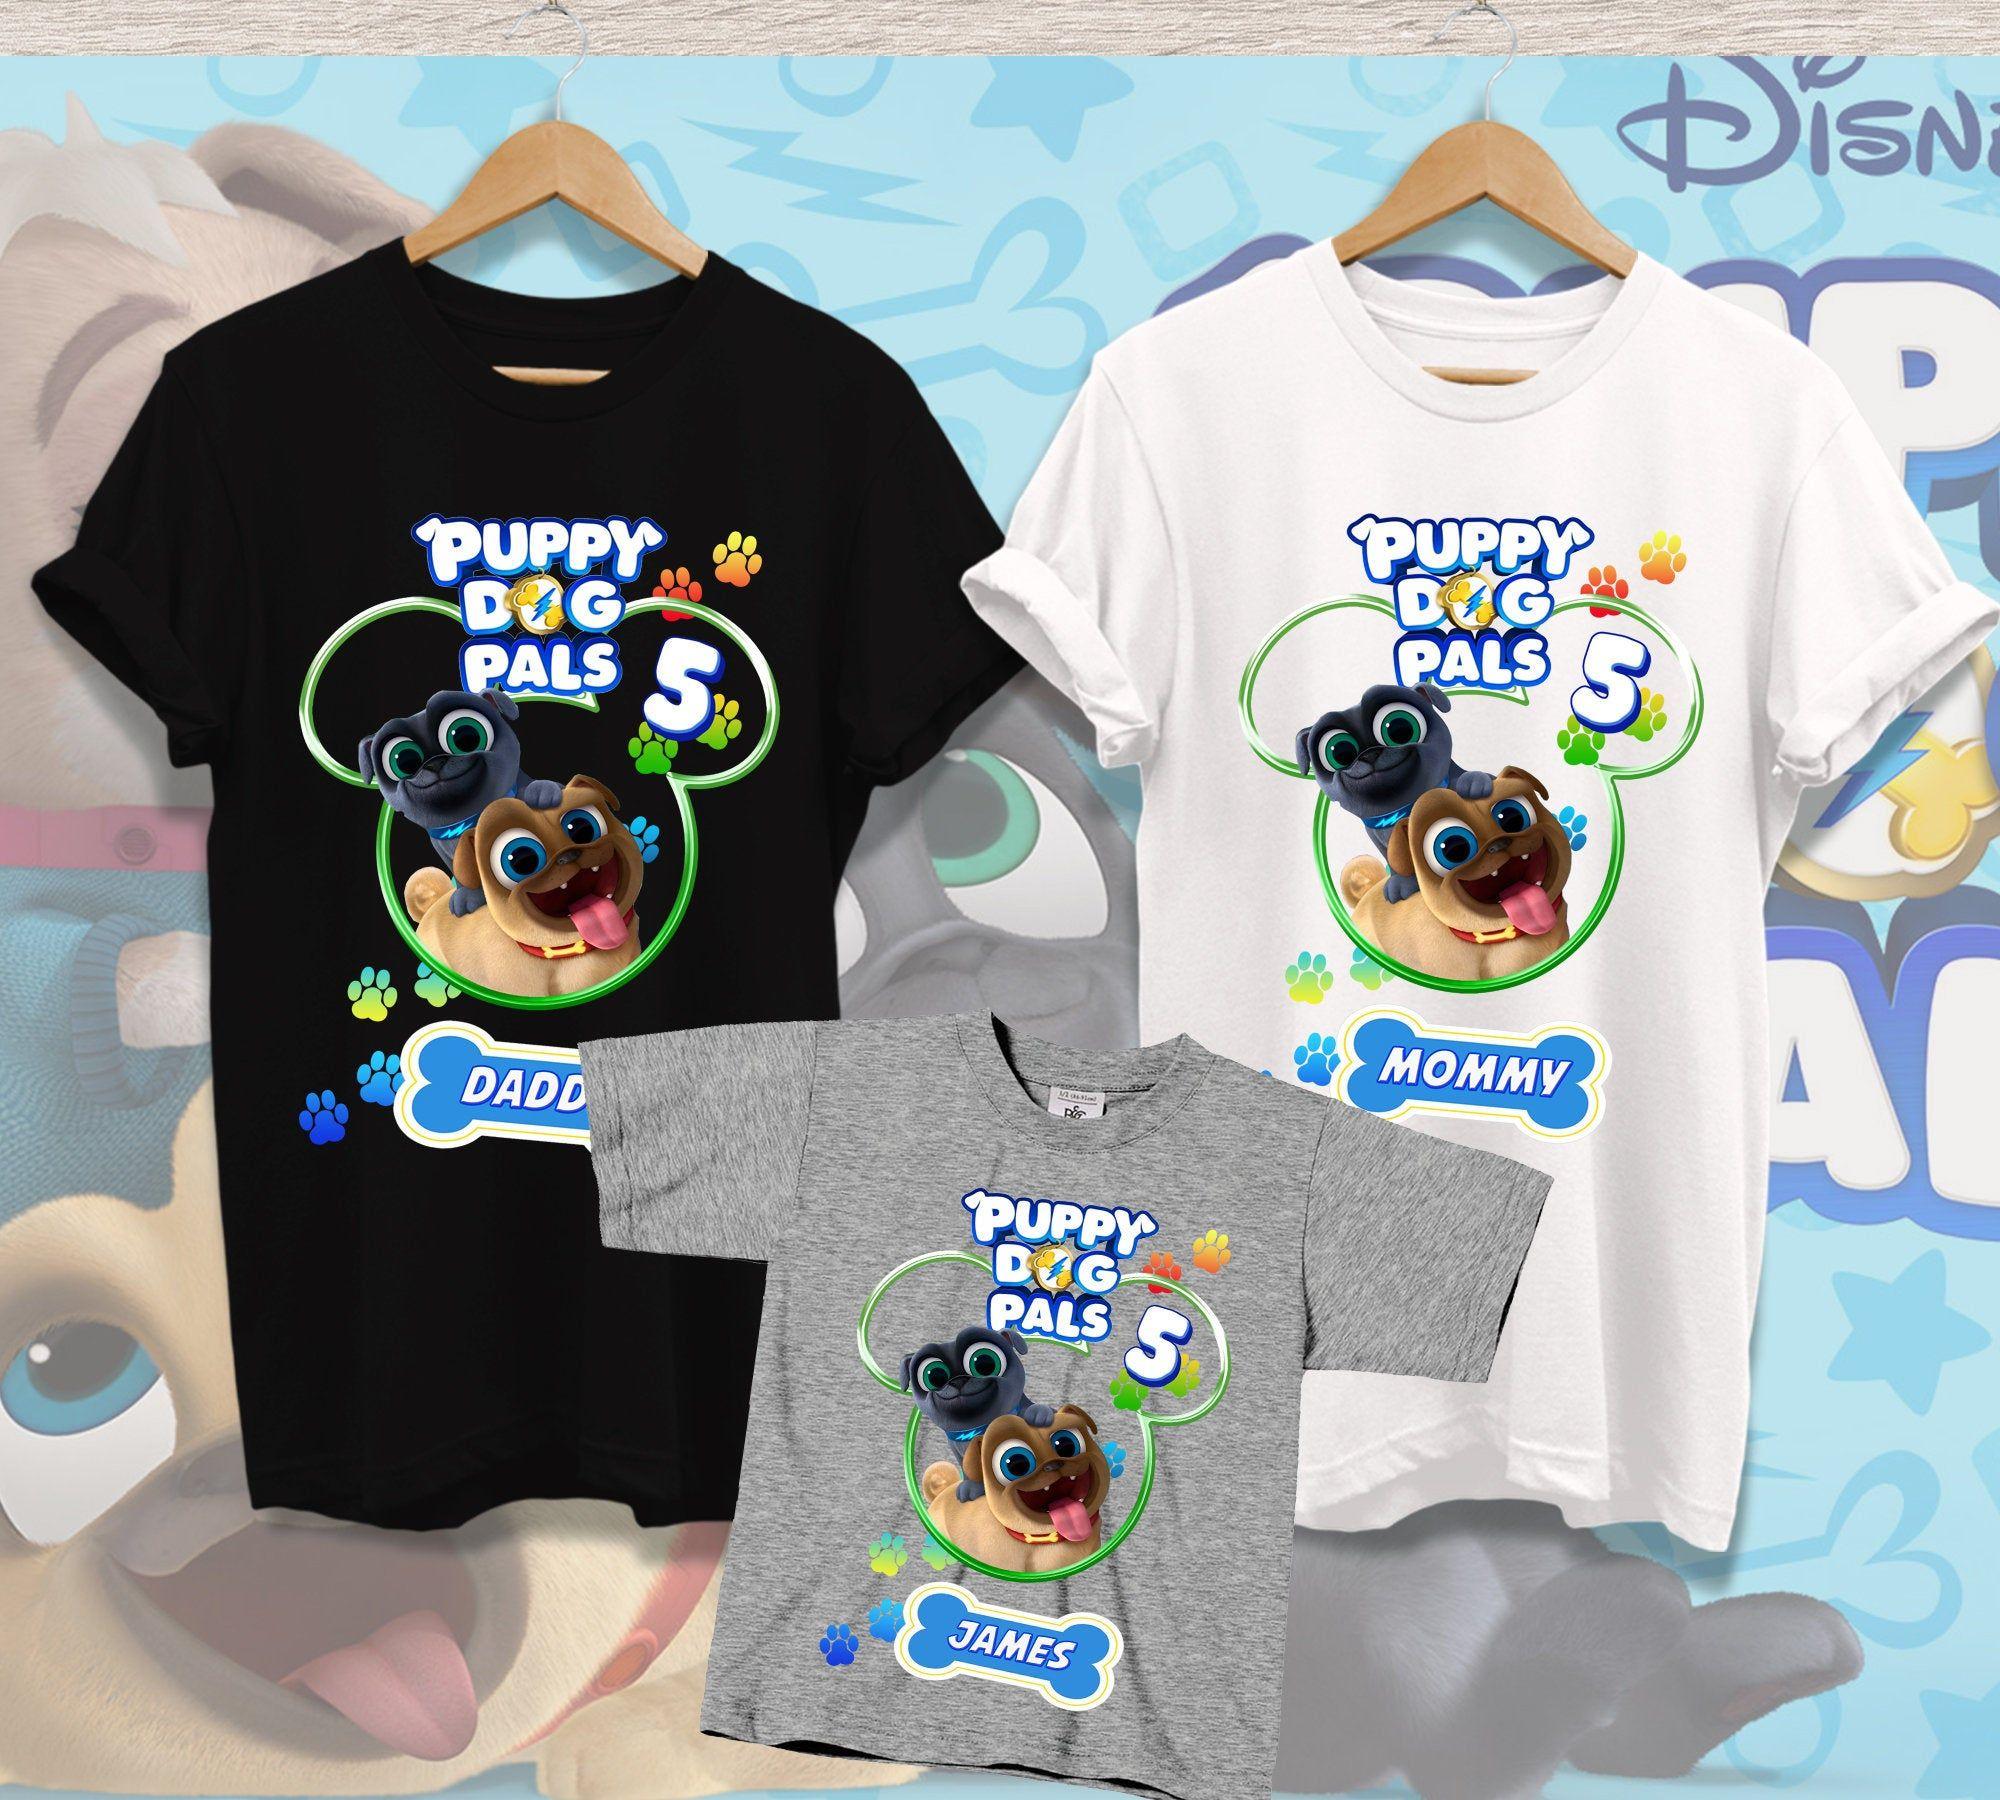 Puppy Dog Pals Birthday Shirts Disney Birthday Shirt Puppy Etsy In 2020 Birthday Shirts Dogs And Puppies Disney Birthday